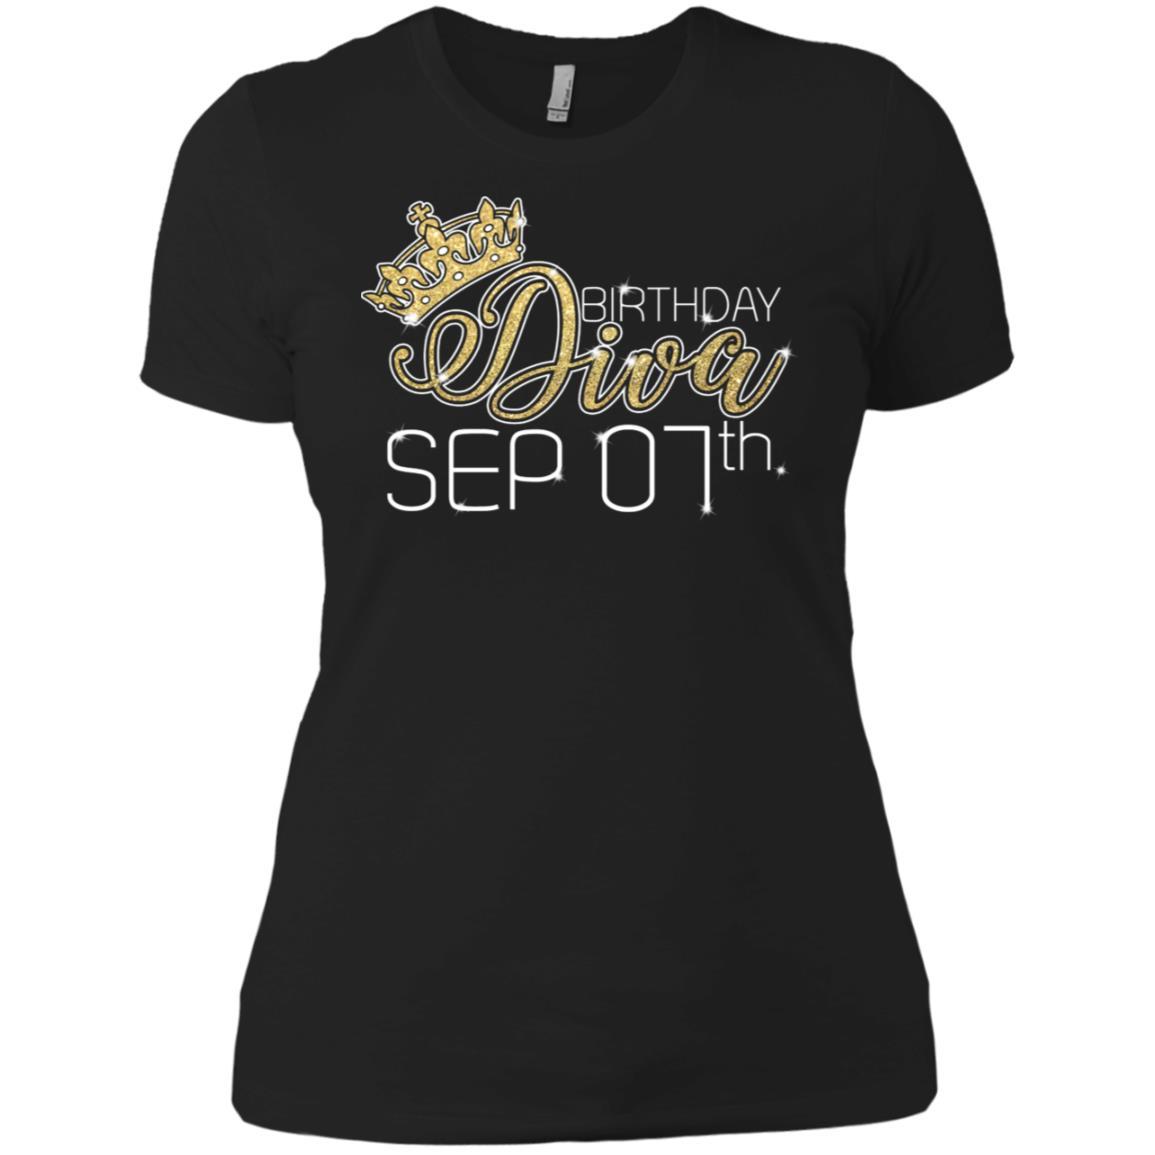 Birthday Diva on September 7th Virgo Pri Women Short Sleeve